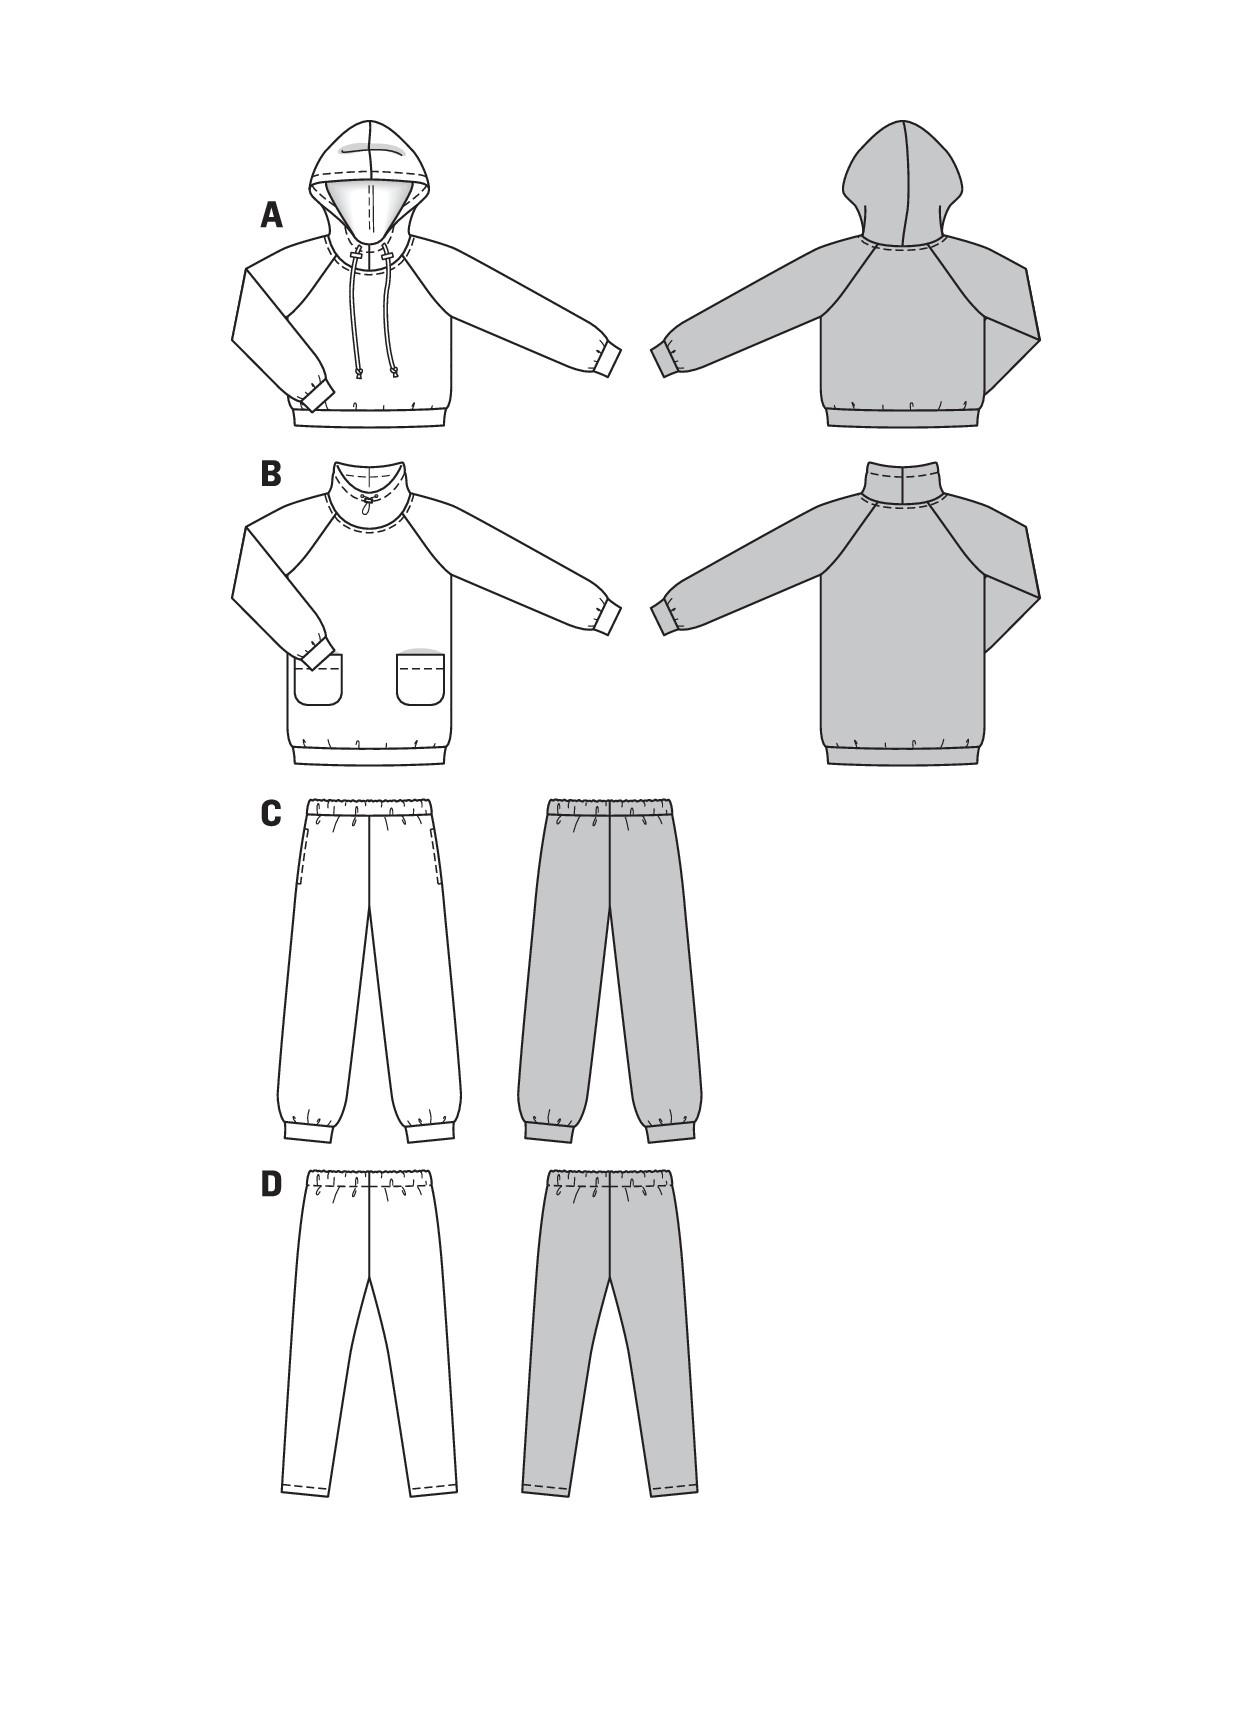 Burda Schnittmuster - Kapuzenshirts, Shirtkleid, Jogginghose ...